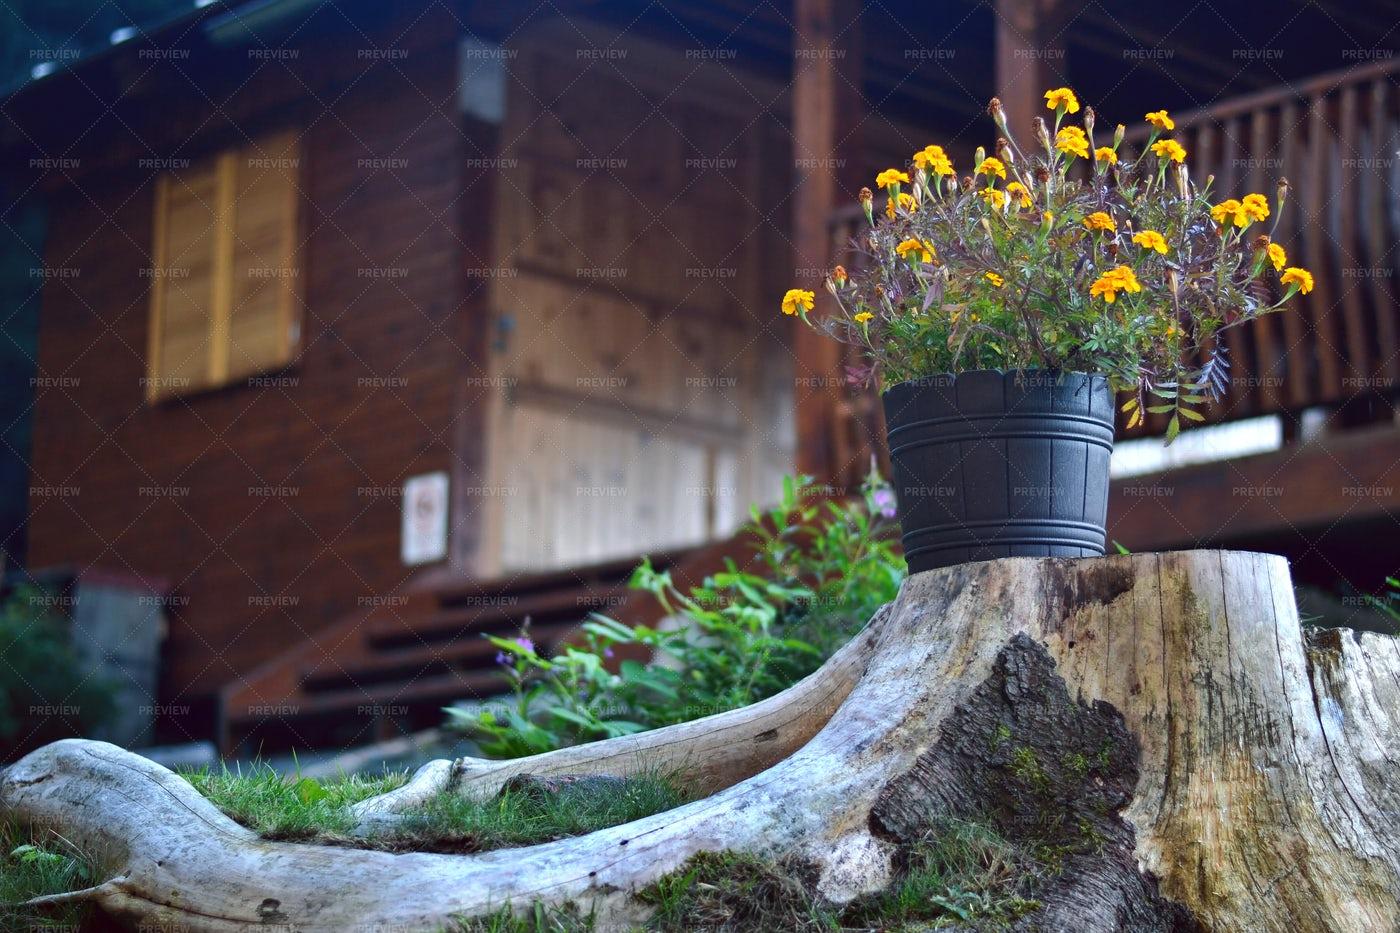 Flower Pot In The Garden: Stock Photos